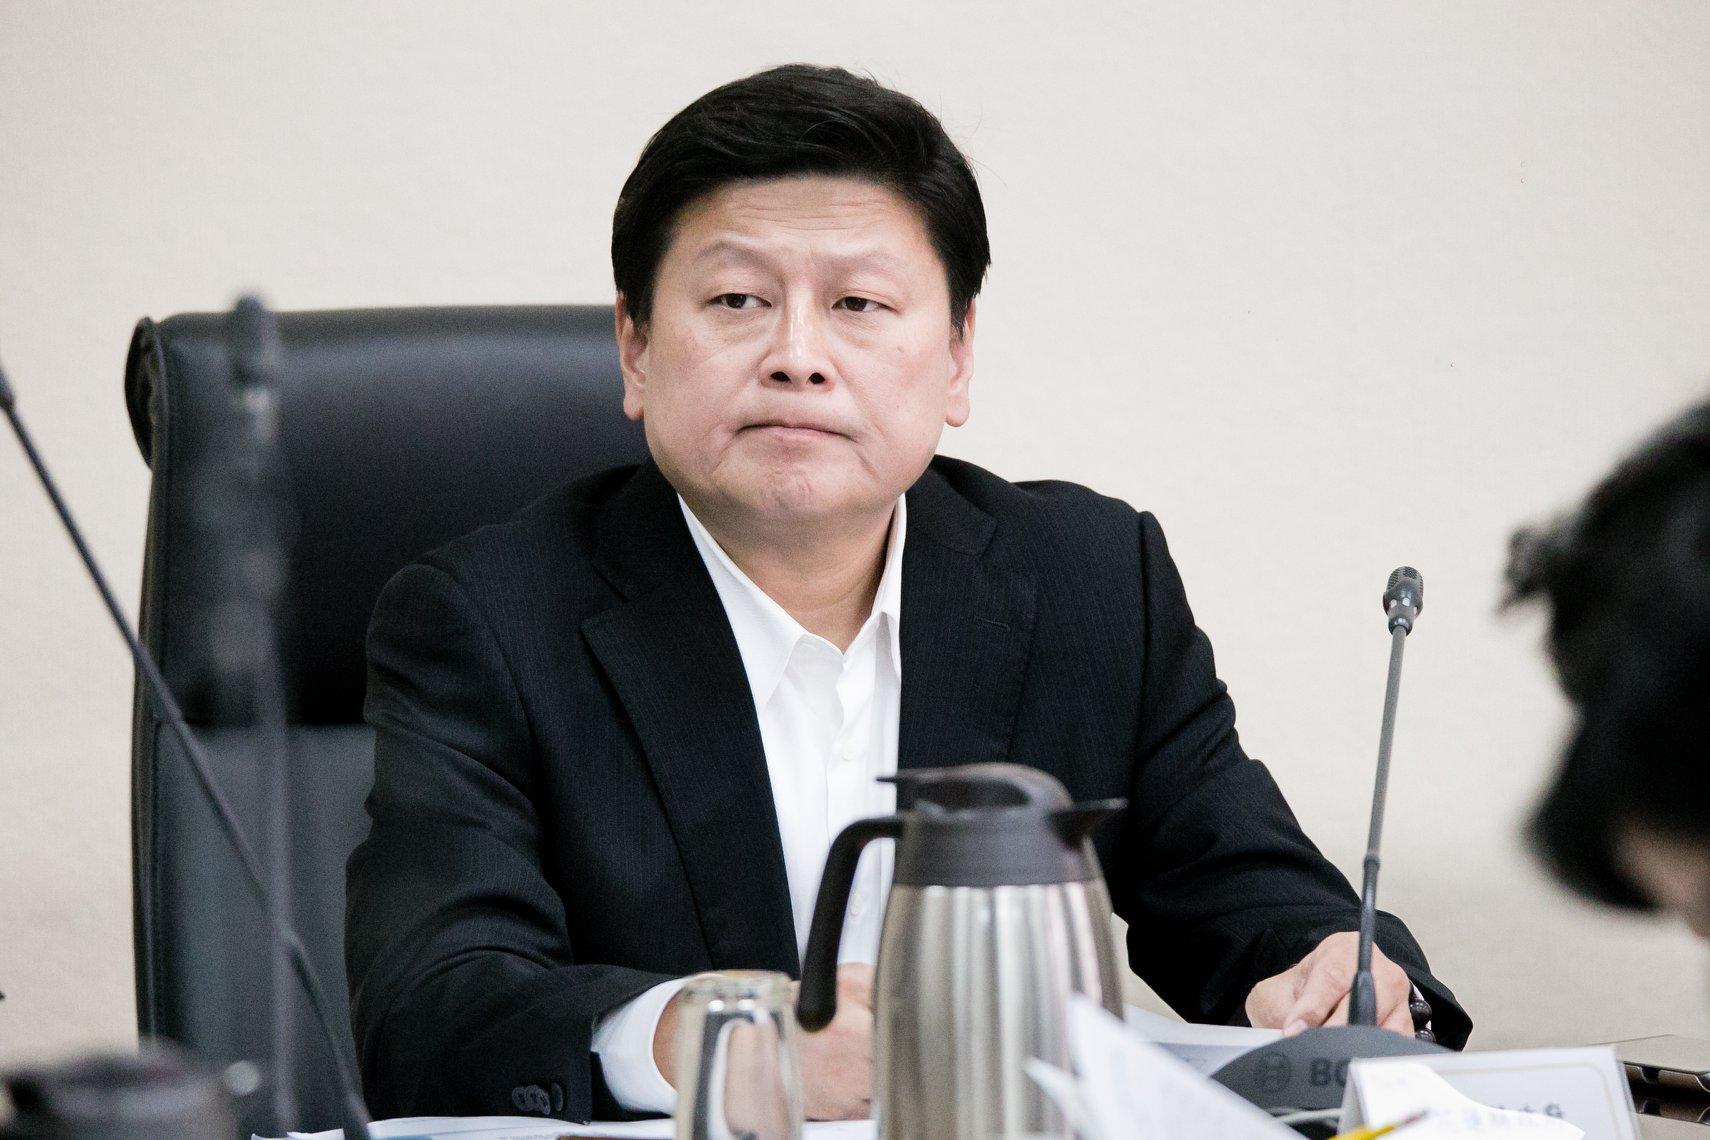 涉炒股判刑8月定讞 傅崐萁:政治迫害